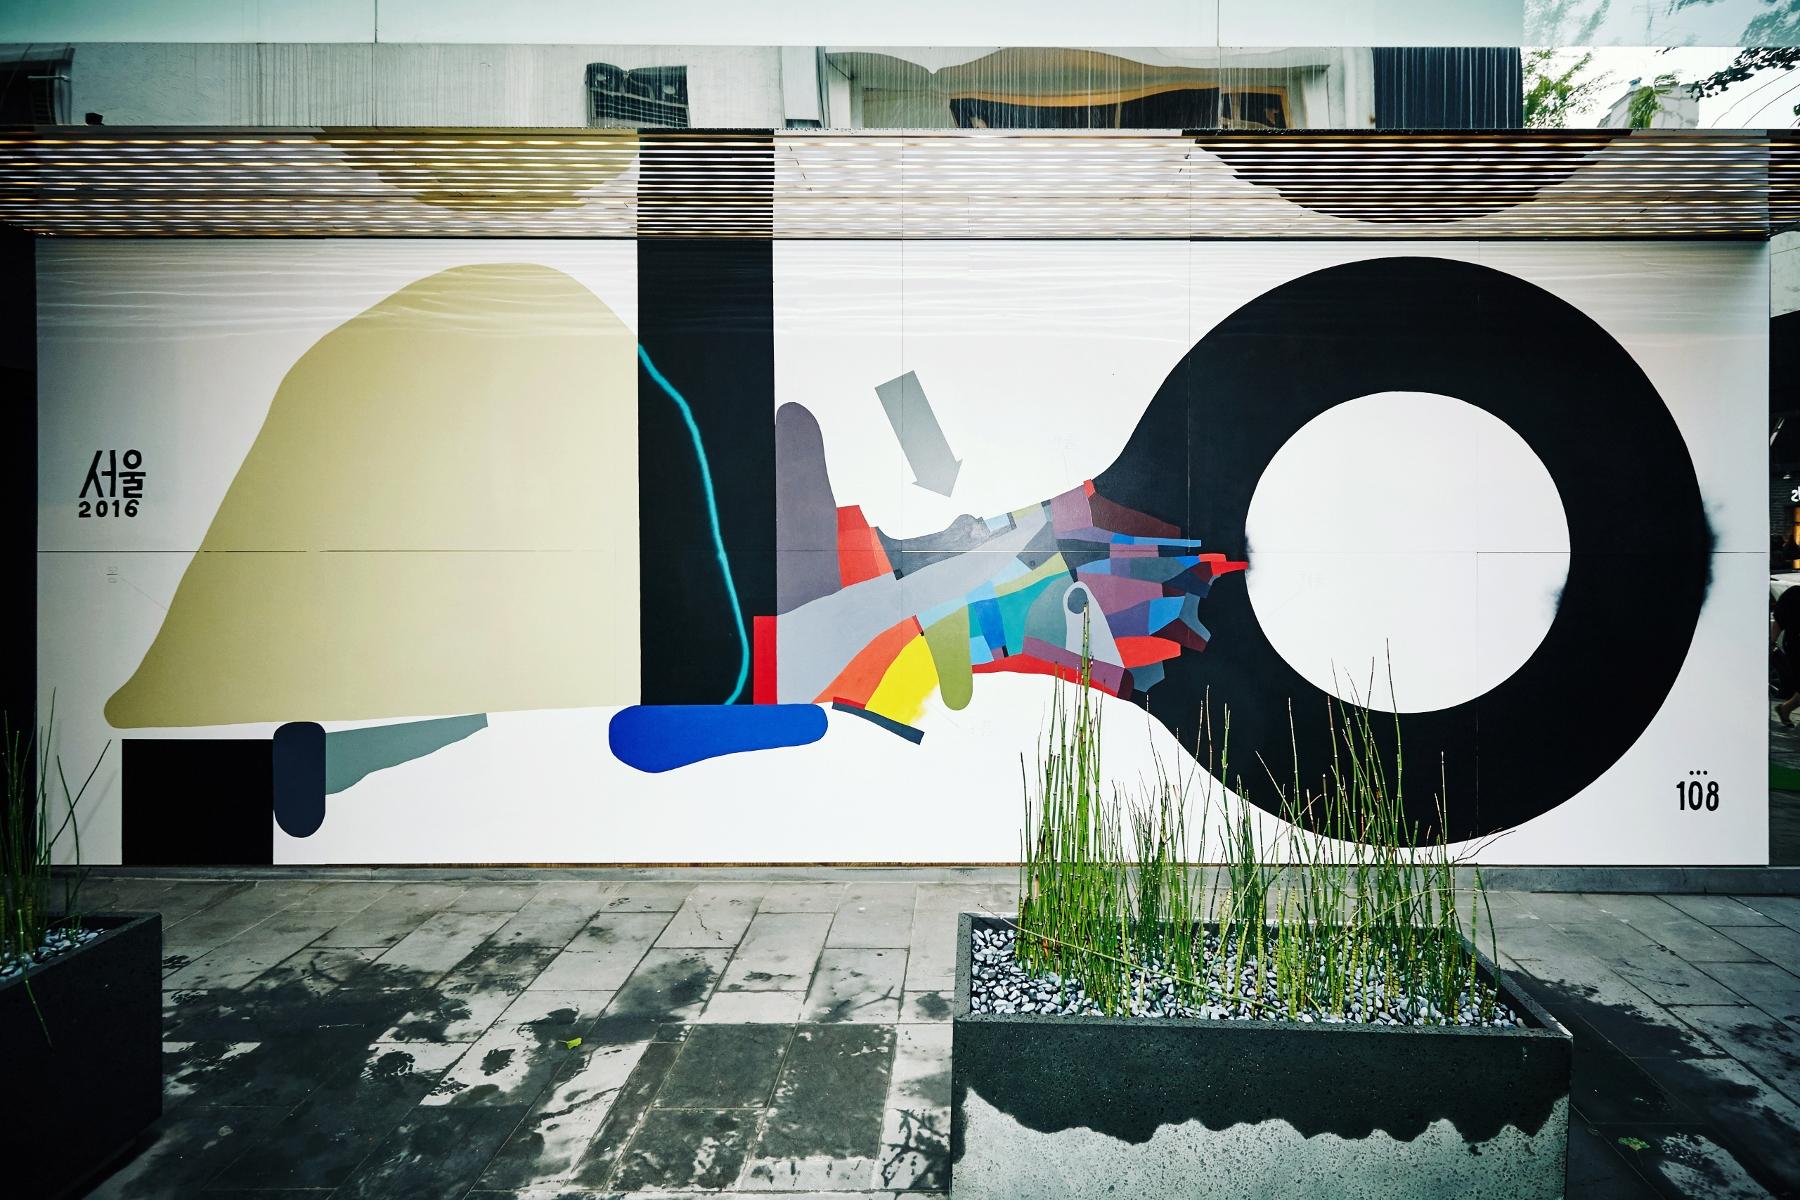 Pittura murale alla Xhouse di Seoul, per EXR